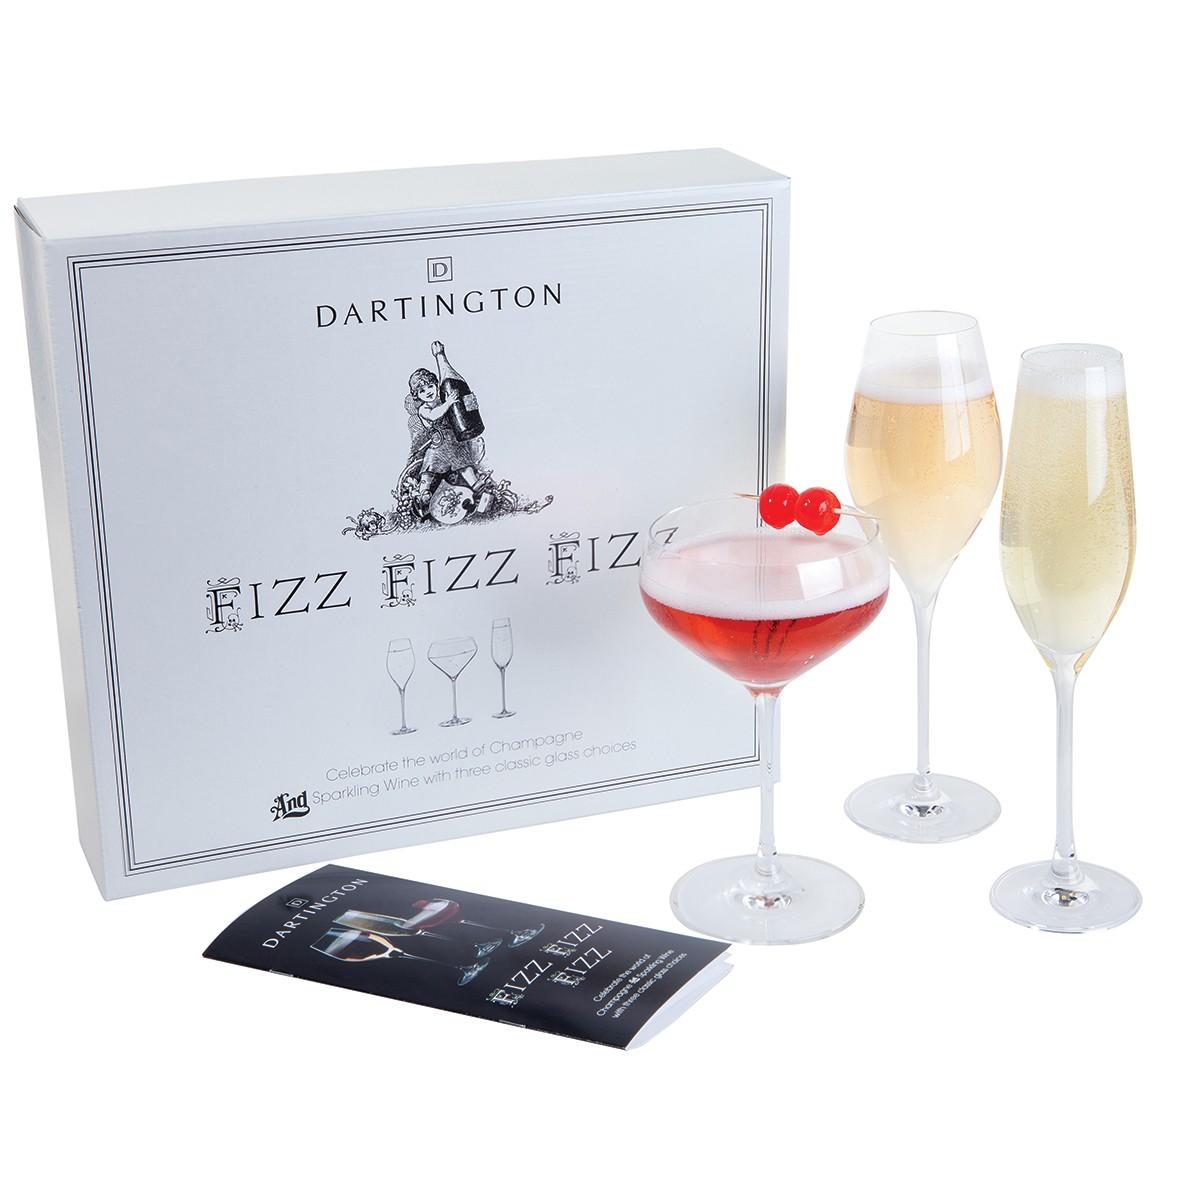 Dartington - Fizz, Fizz, Fizz Three Glass Gift Set